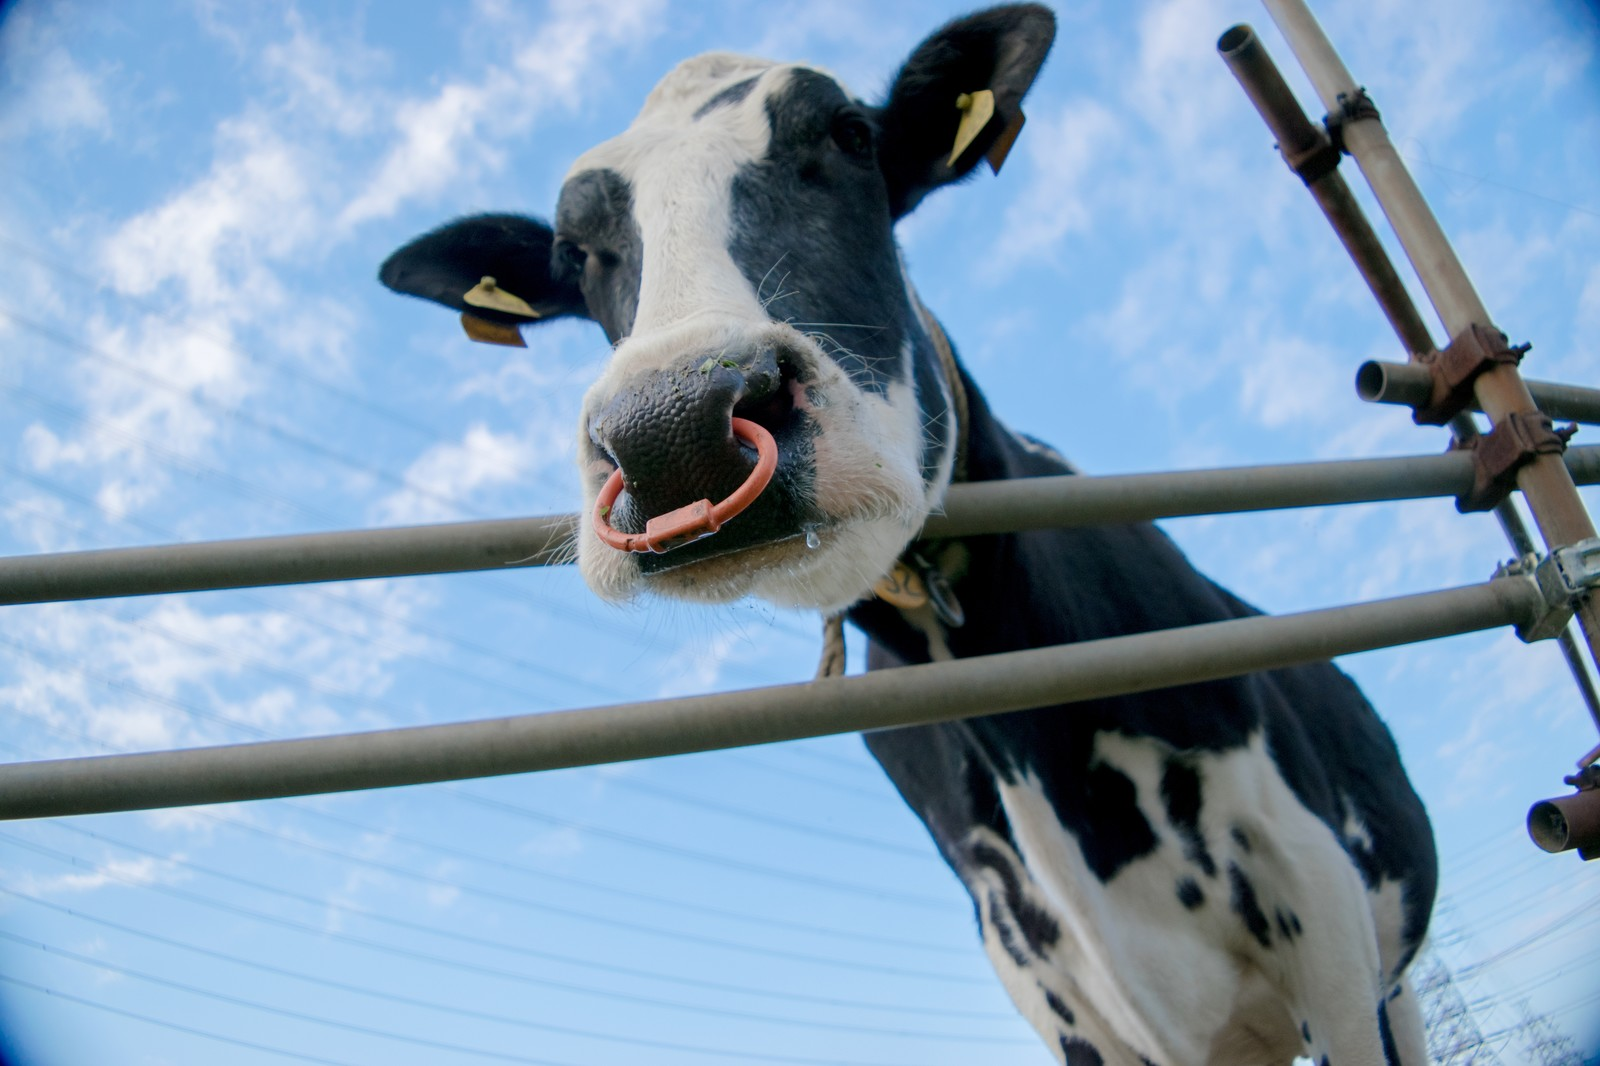 「牧場の牛さん牧場の牛さん」のフリー写真素材を拡大